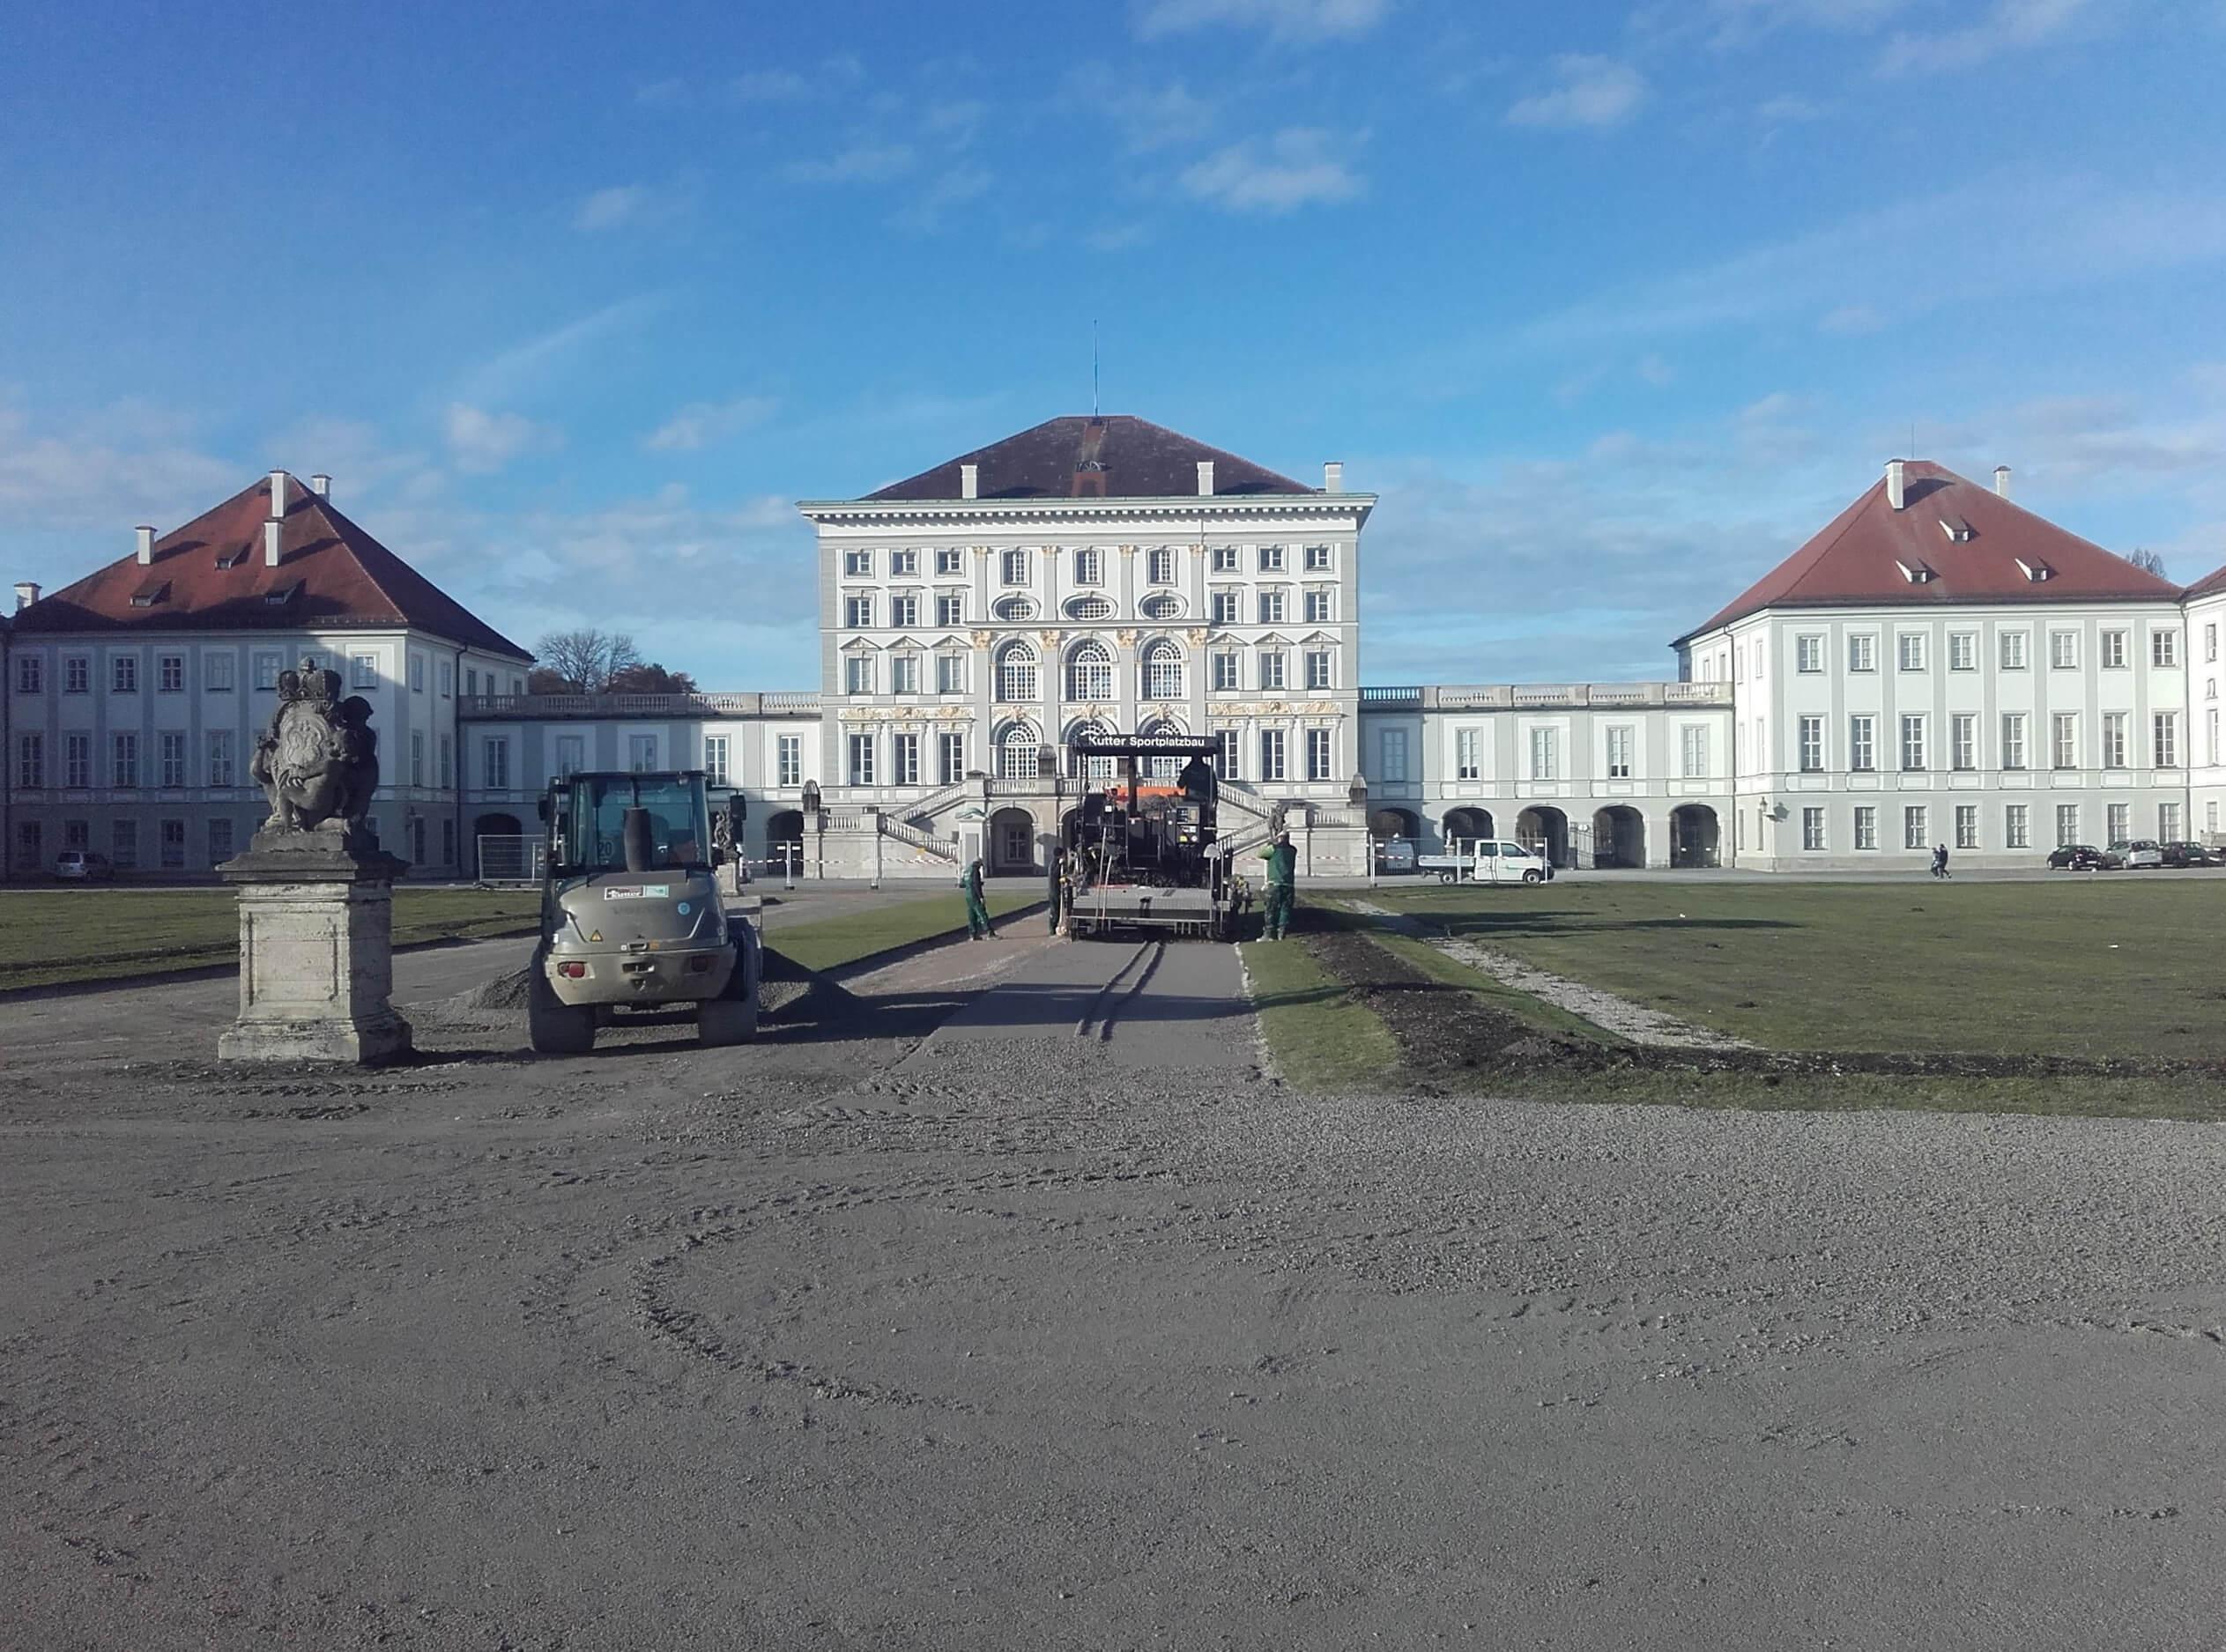 Wegesanierung im Schlosshof